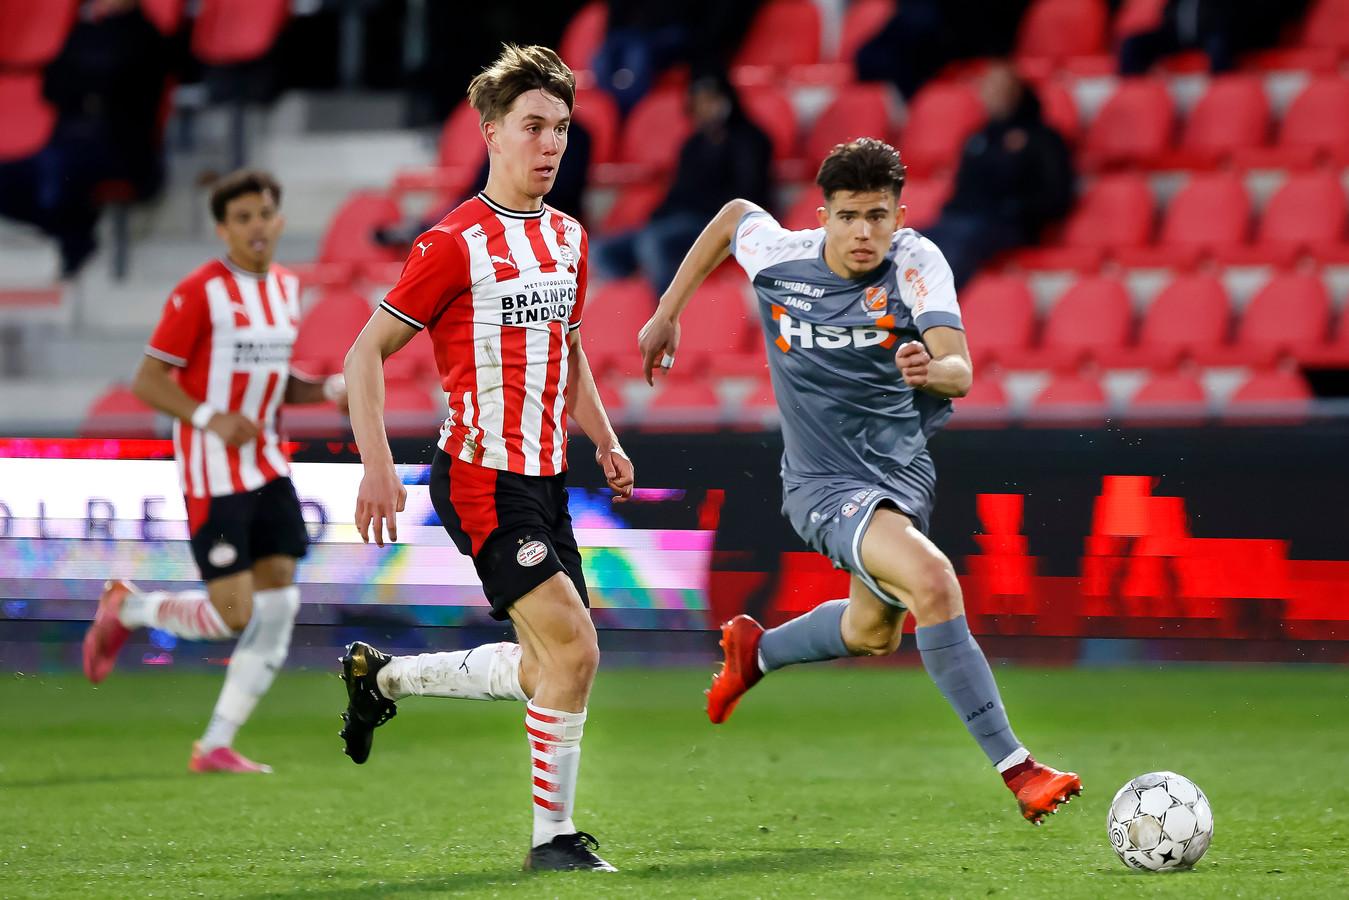 Dennis Vos kan een van de leiders van Jong PSV worden, komend seizoen.